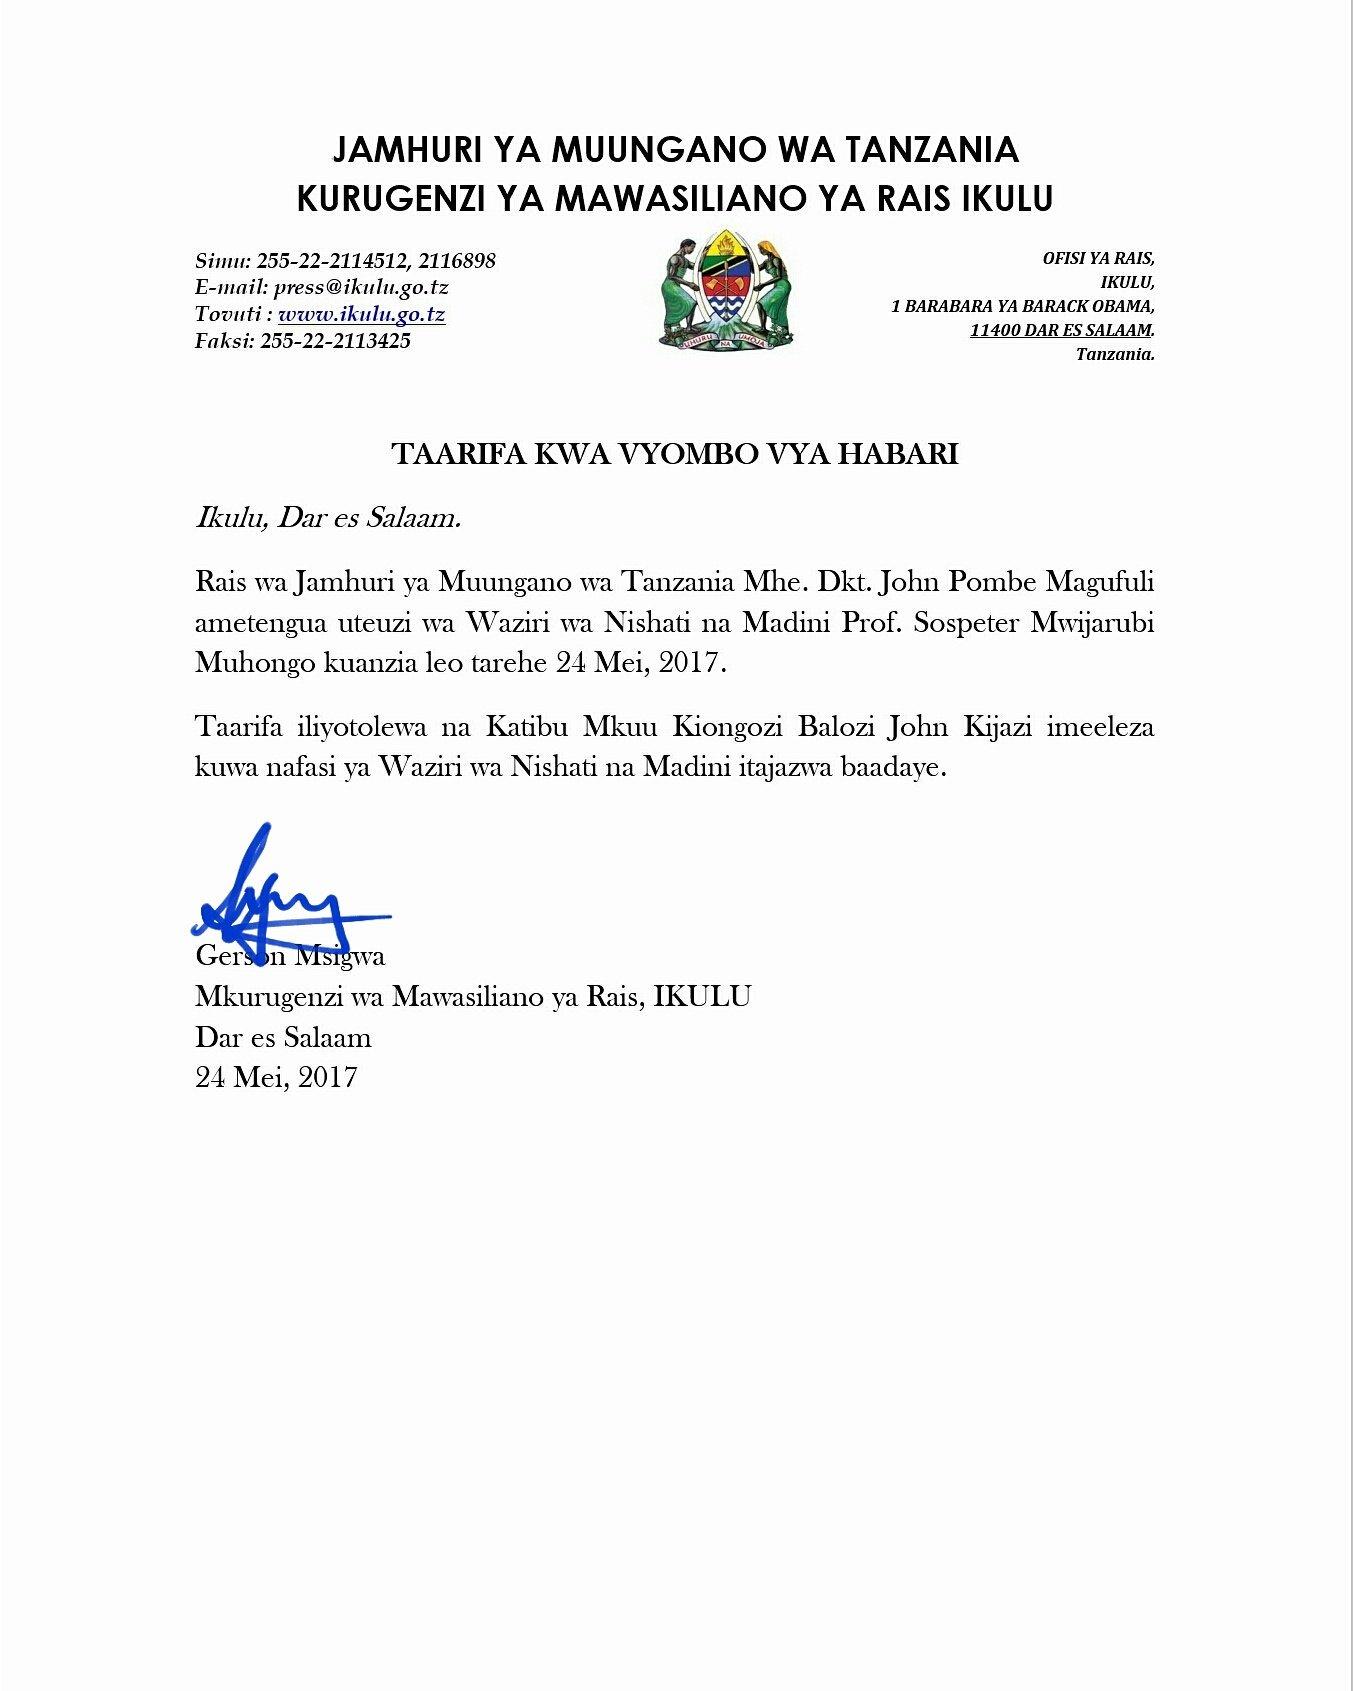 Breaking NEWS= Rais Magufuli atengua uteuzi wa Waziri wa Nishati na Madini Prof. Sospeter Mwijarubi Muhongo